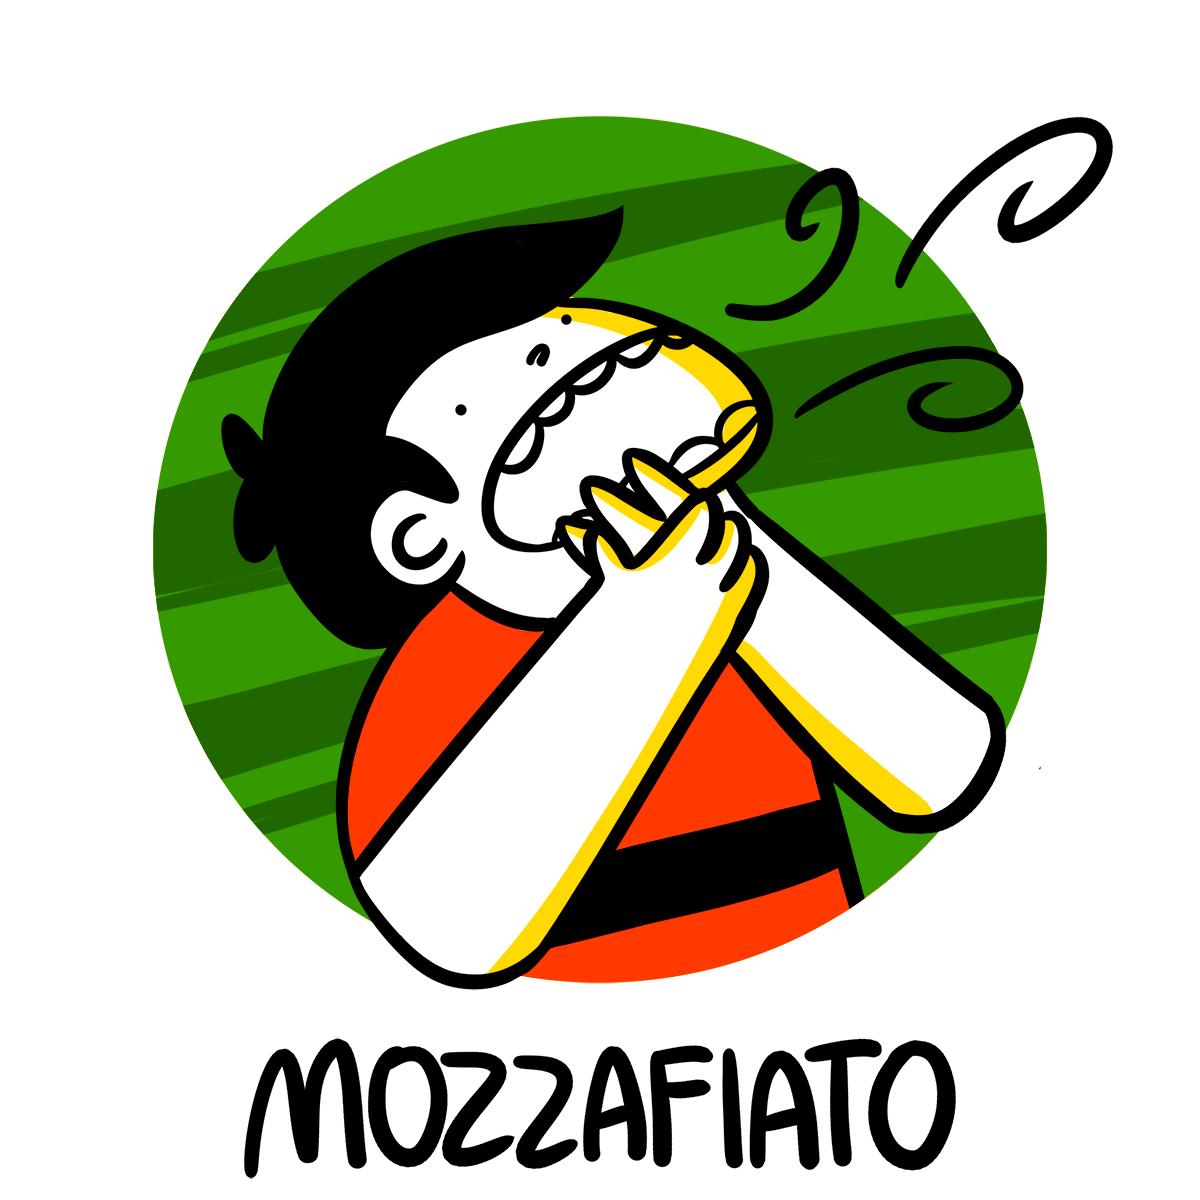 """Le mot italien mozzafiato se traduit littéralement par """"à couper le souffle"""" en français"""